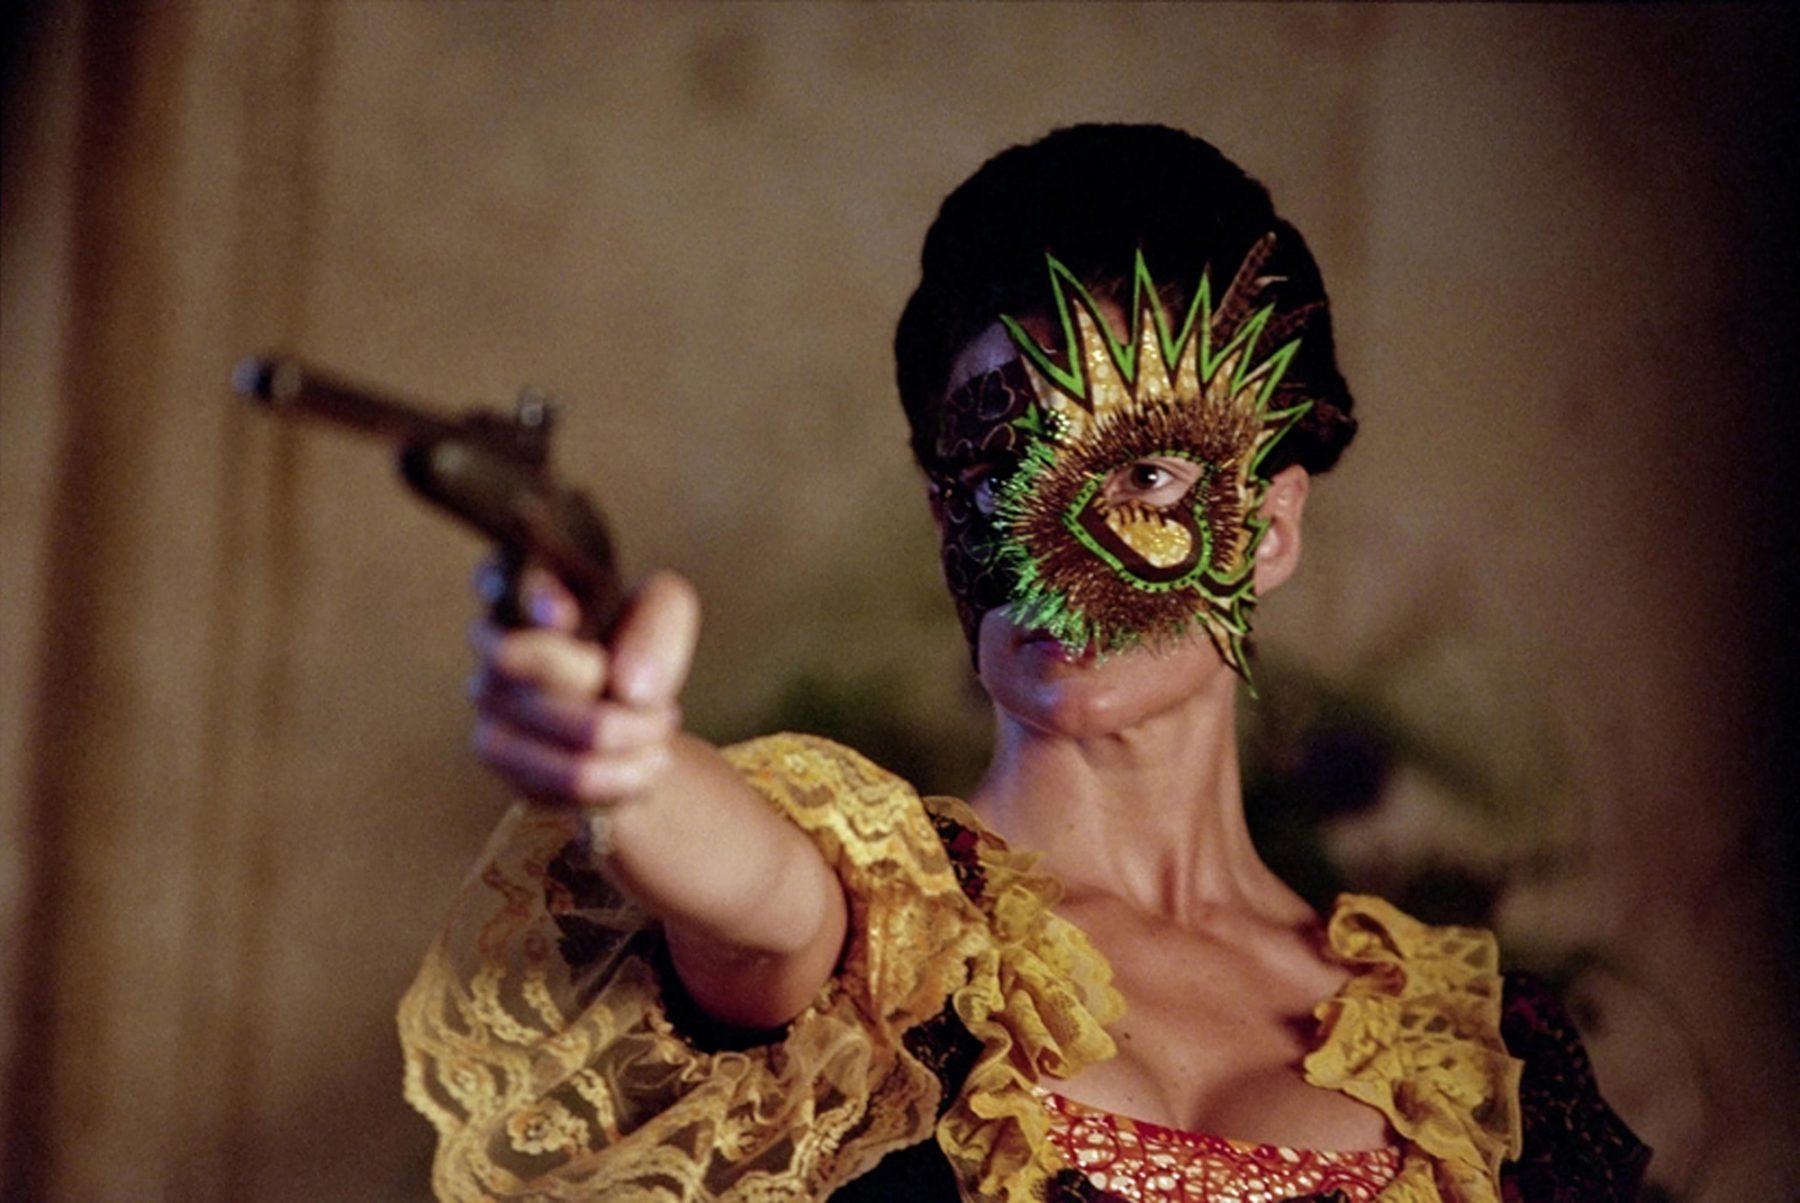 Un Ballo En Masquera (Video Still), 2004